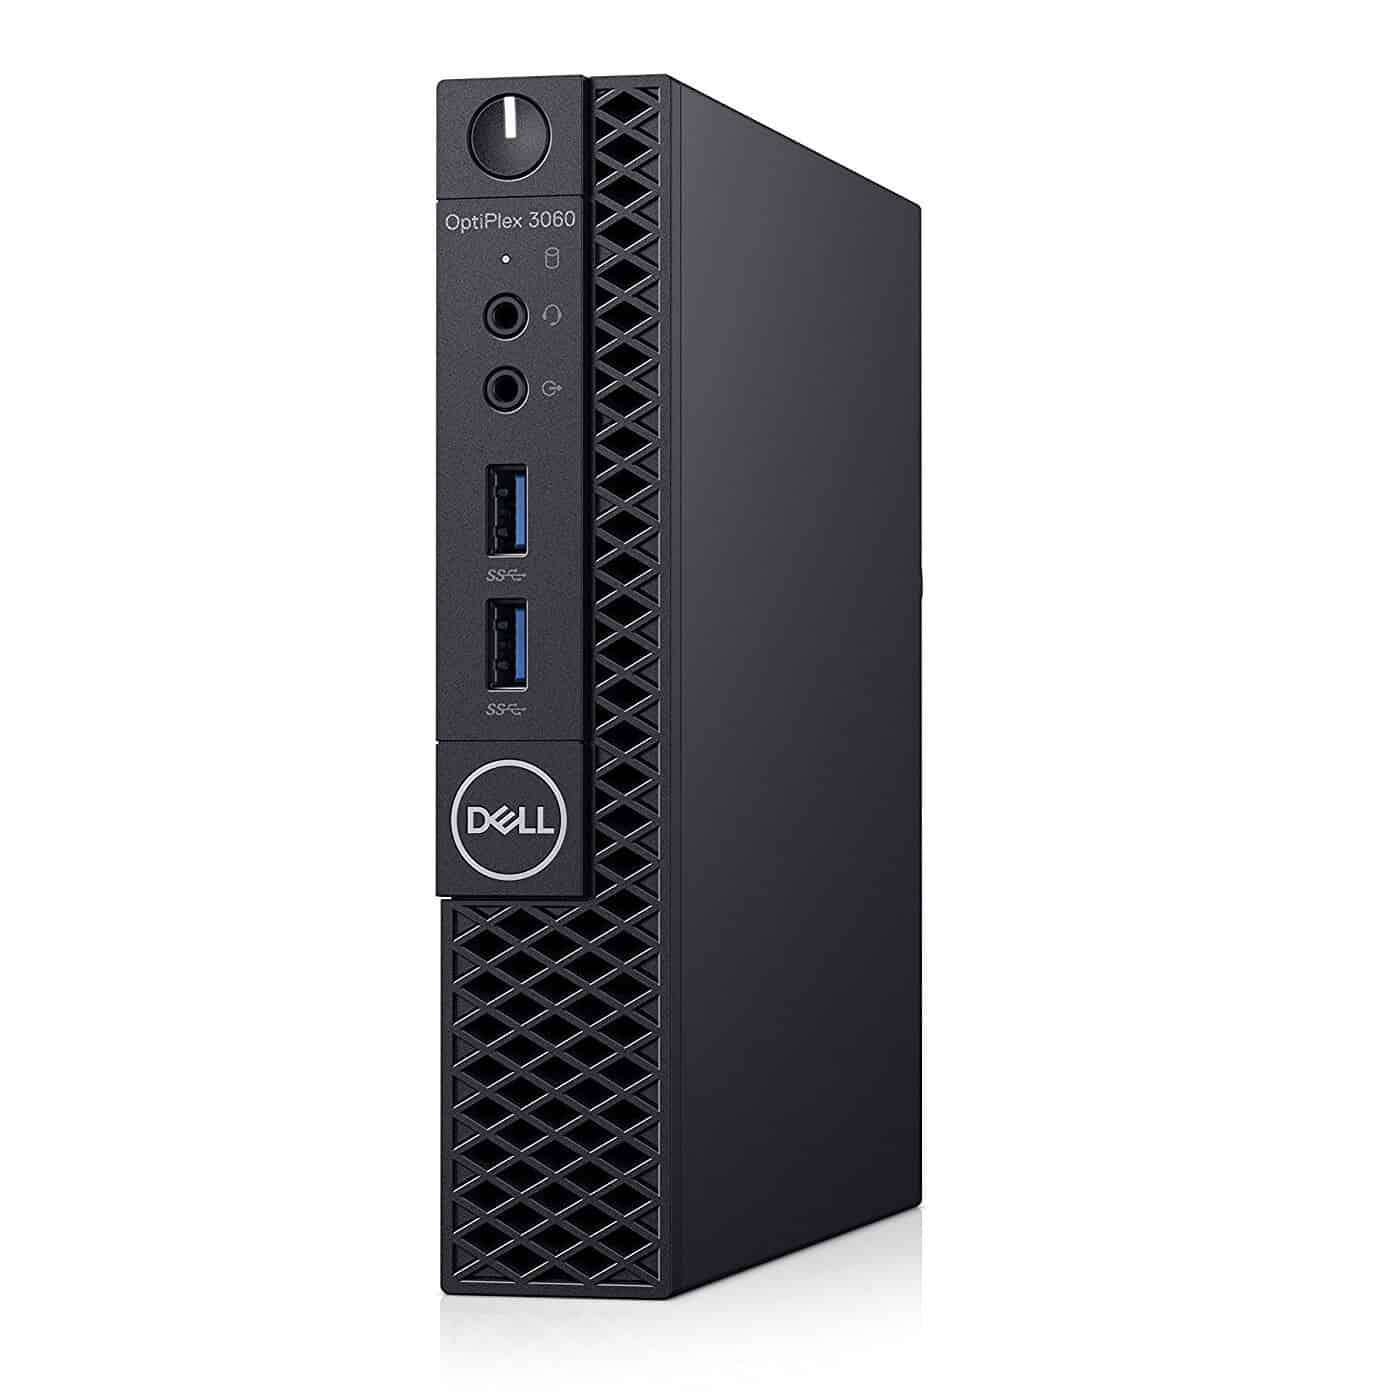 Dell 3060 MFF i5 Mini PC